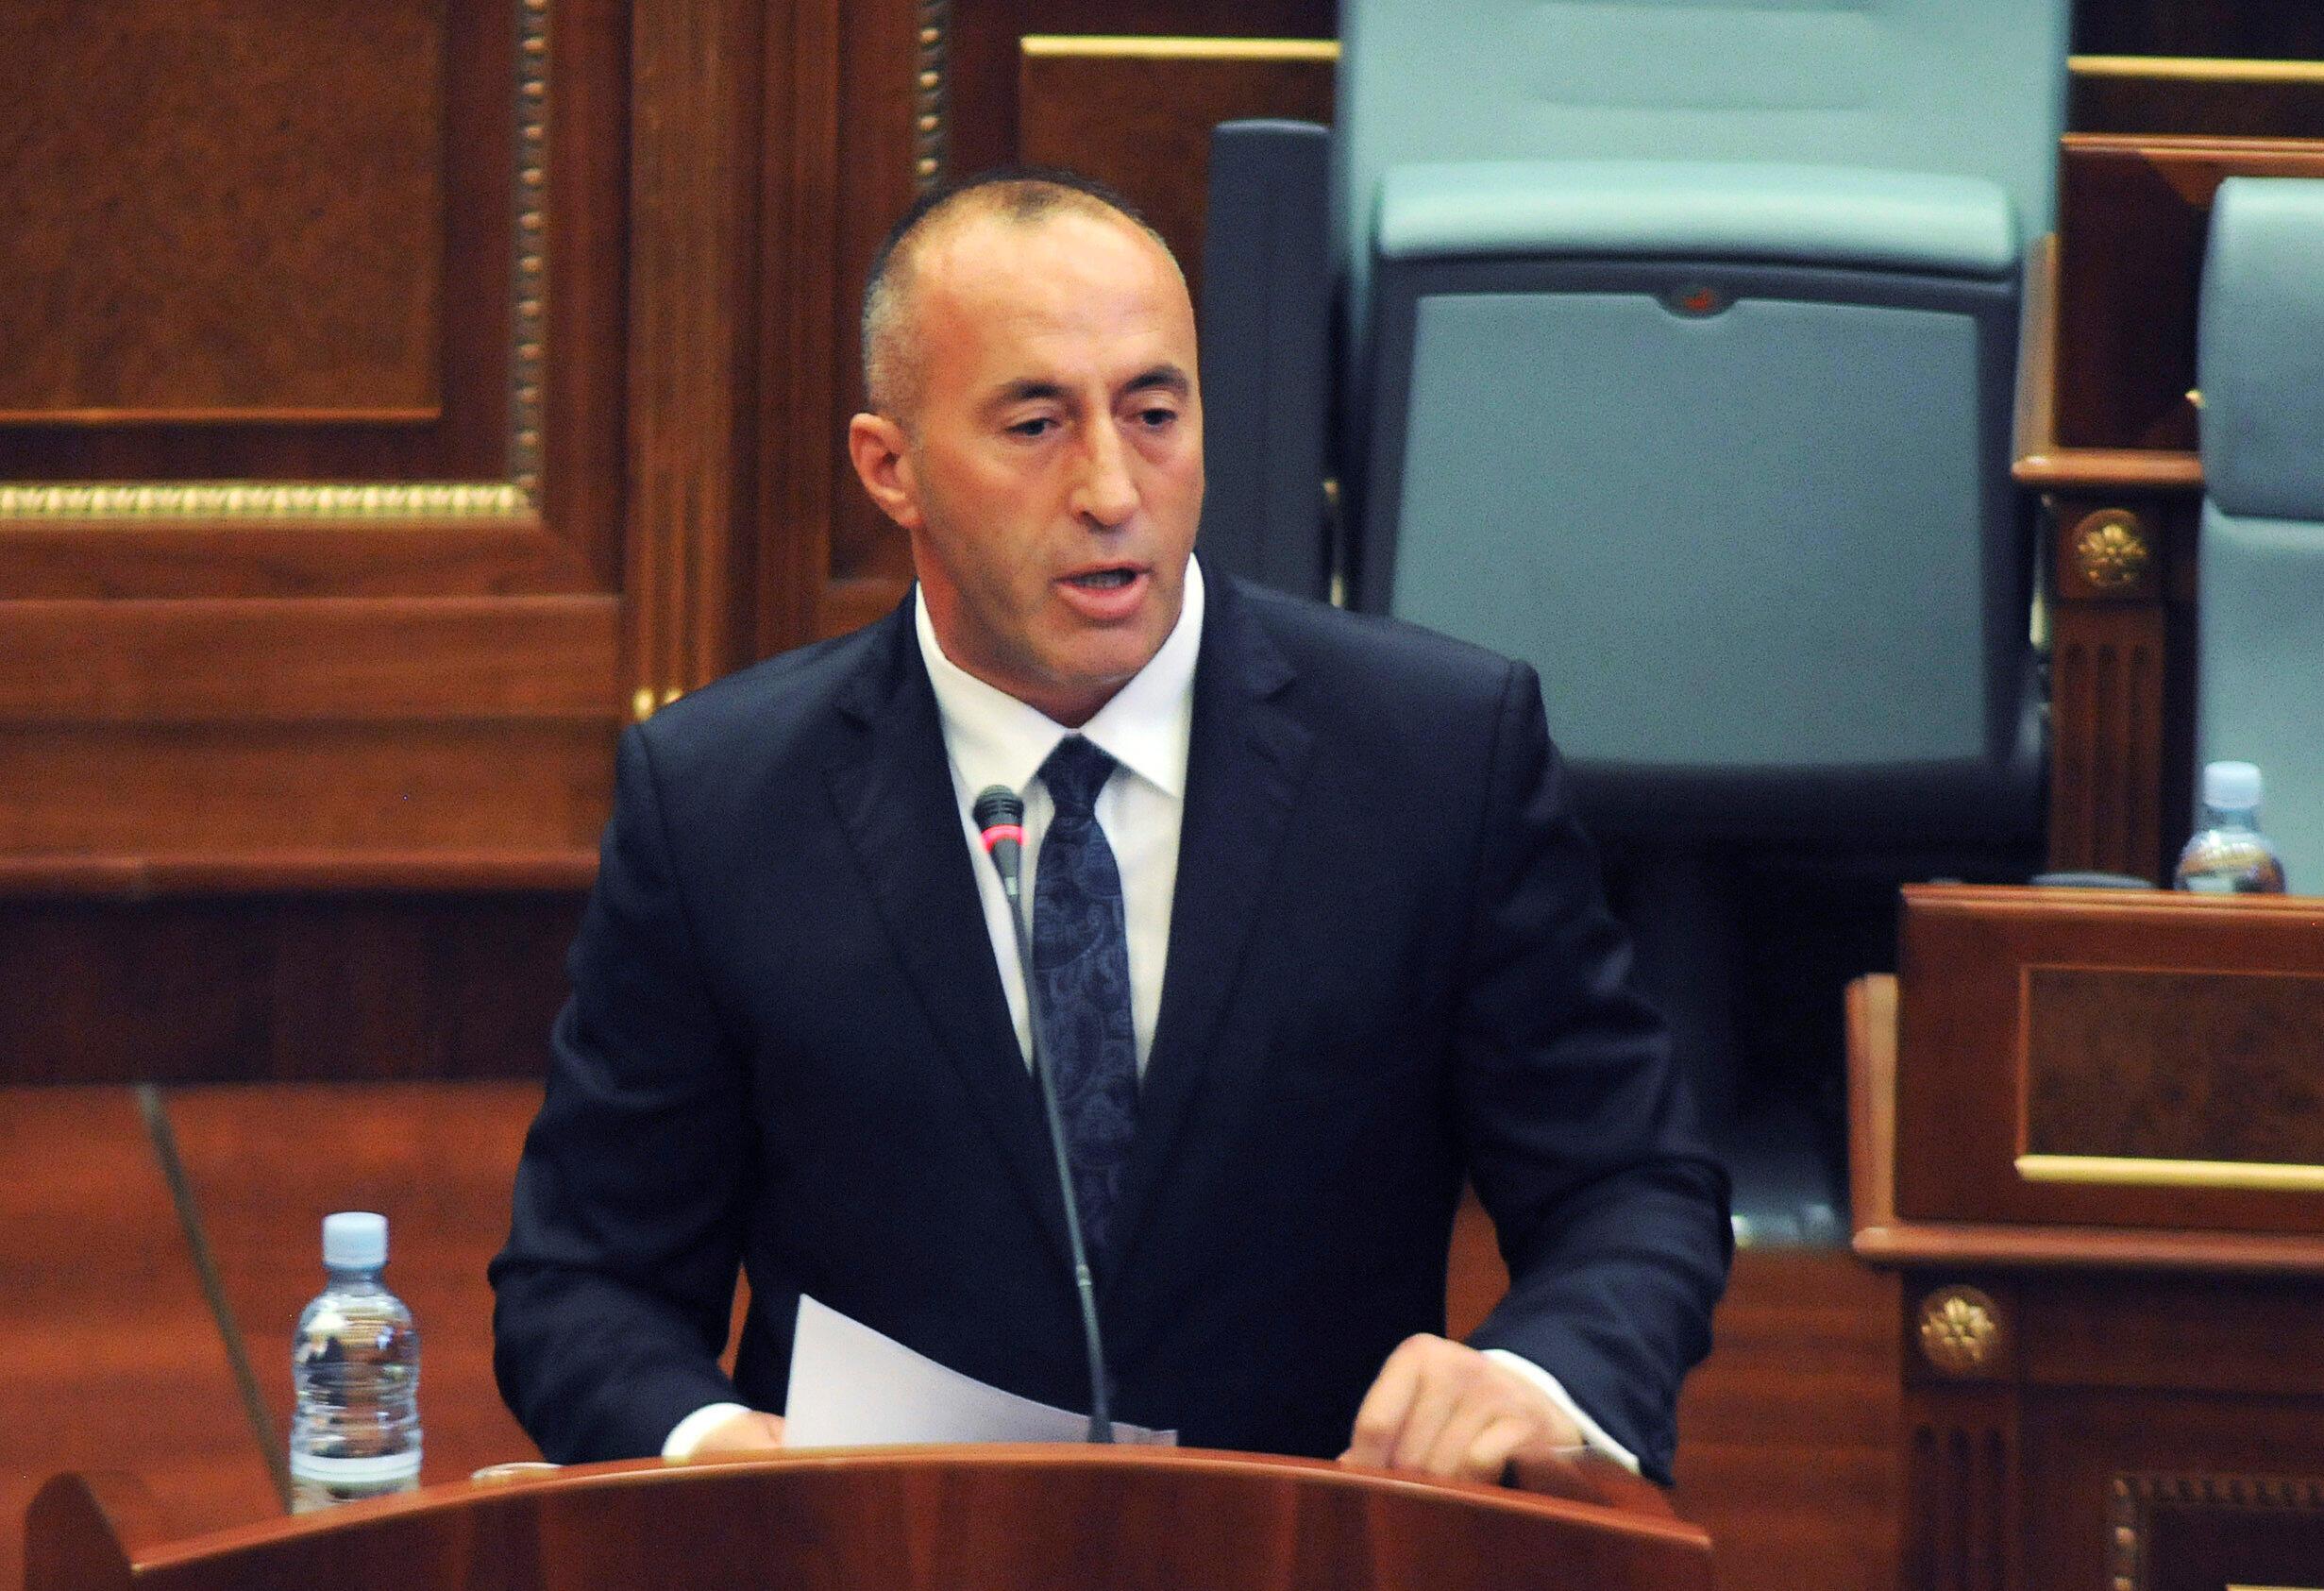 Allocution du nouveau chef du gouvernement du Kosovo, Ramush Haradinaj, au Parlement de Pristina, la capitale du Kosovo, le 9 septembre 2017.